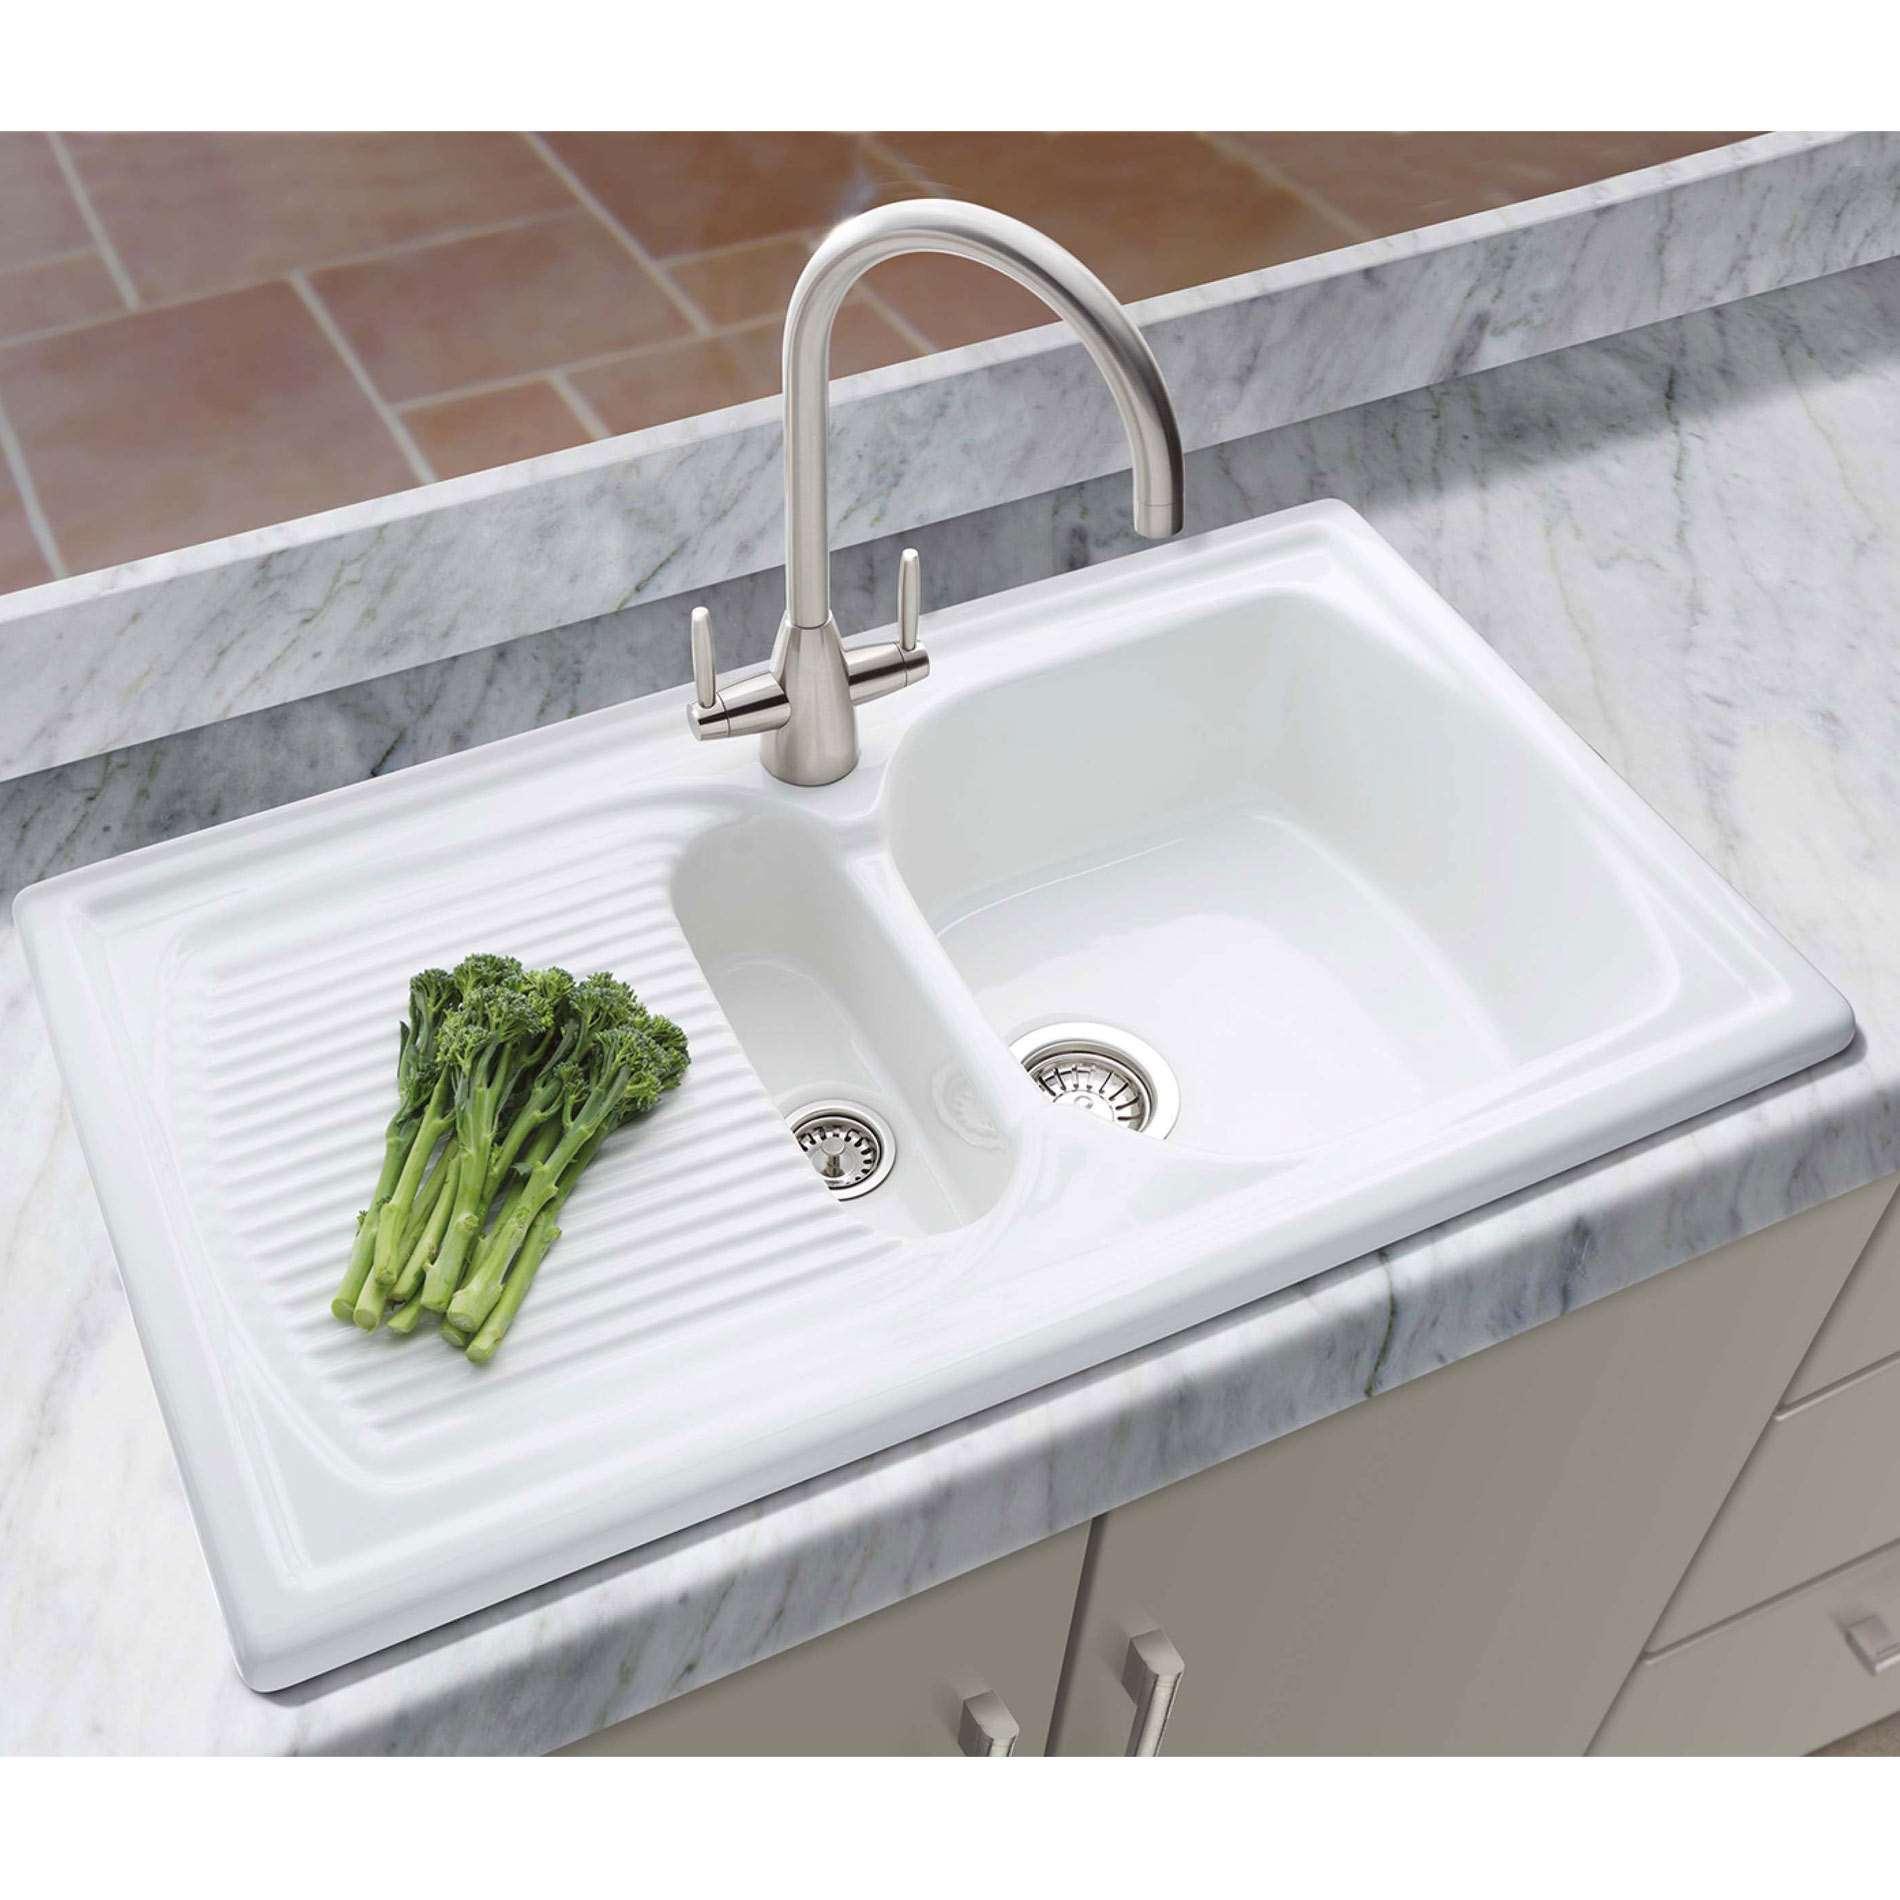 Galley Kitchen Sink: Thomas Denby: Galley Ceramic Sink